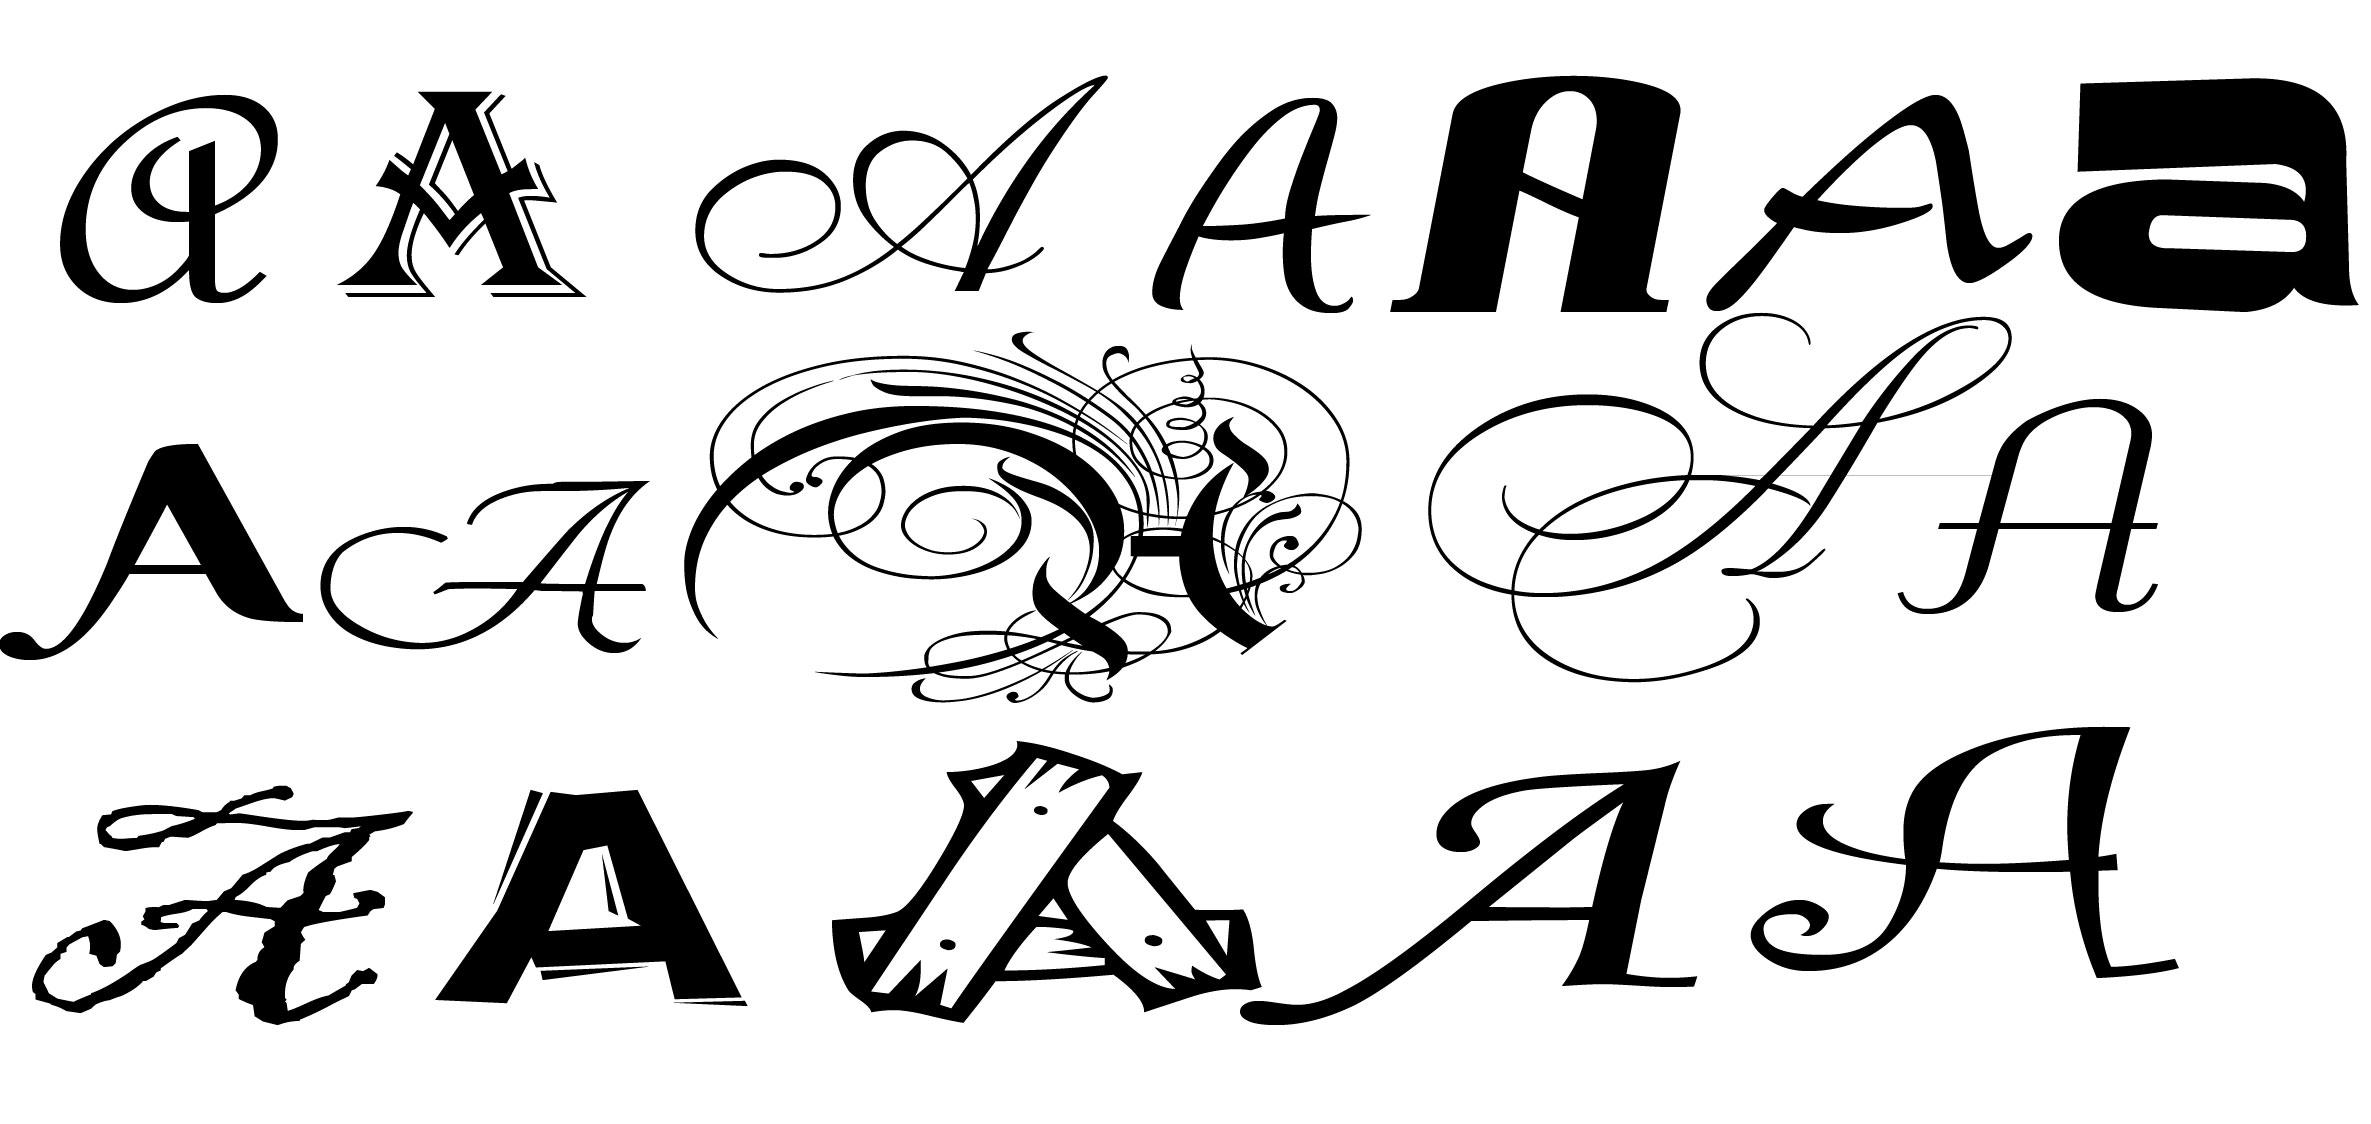 Letras para logos for Logos con letras